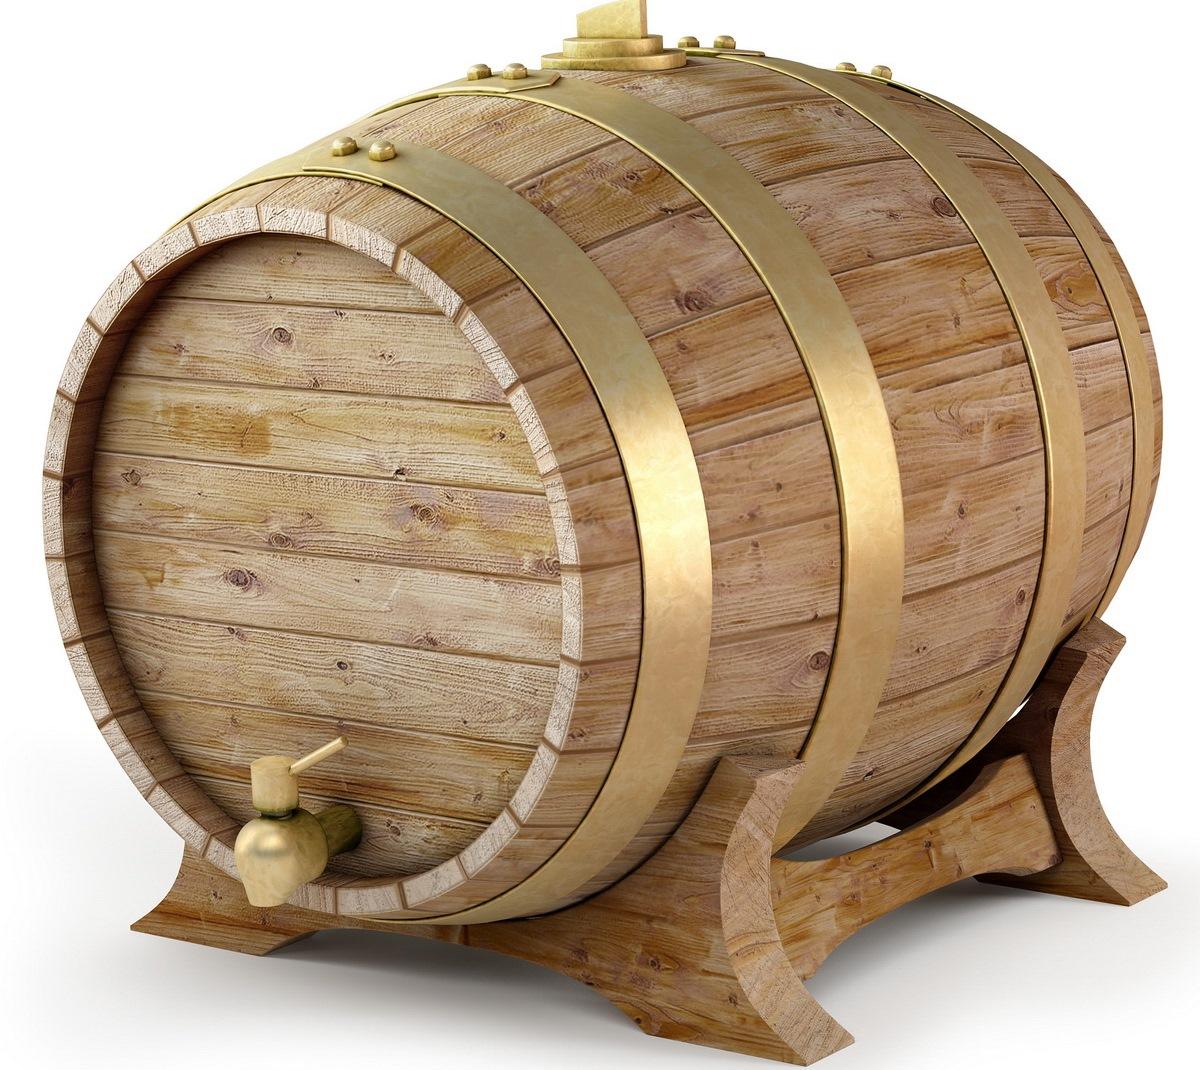 Пиво всегда должно быть в качественной и объемной таре